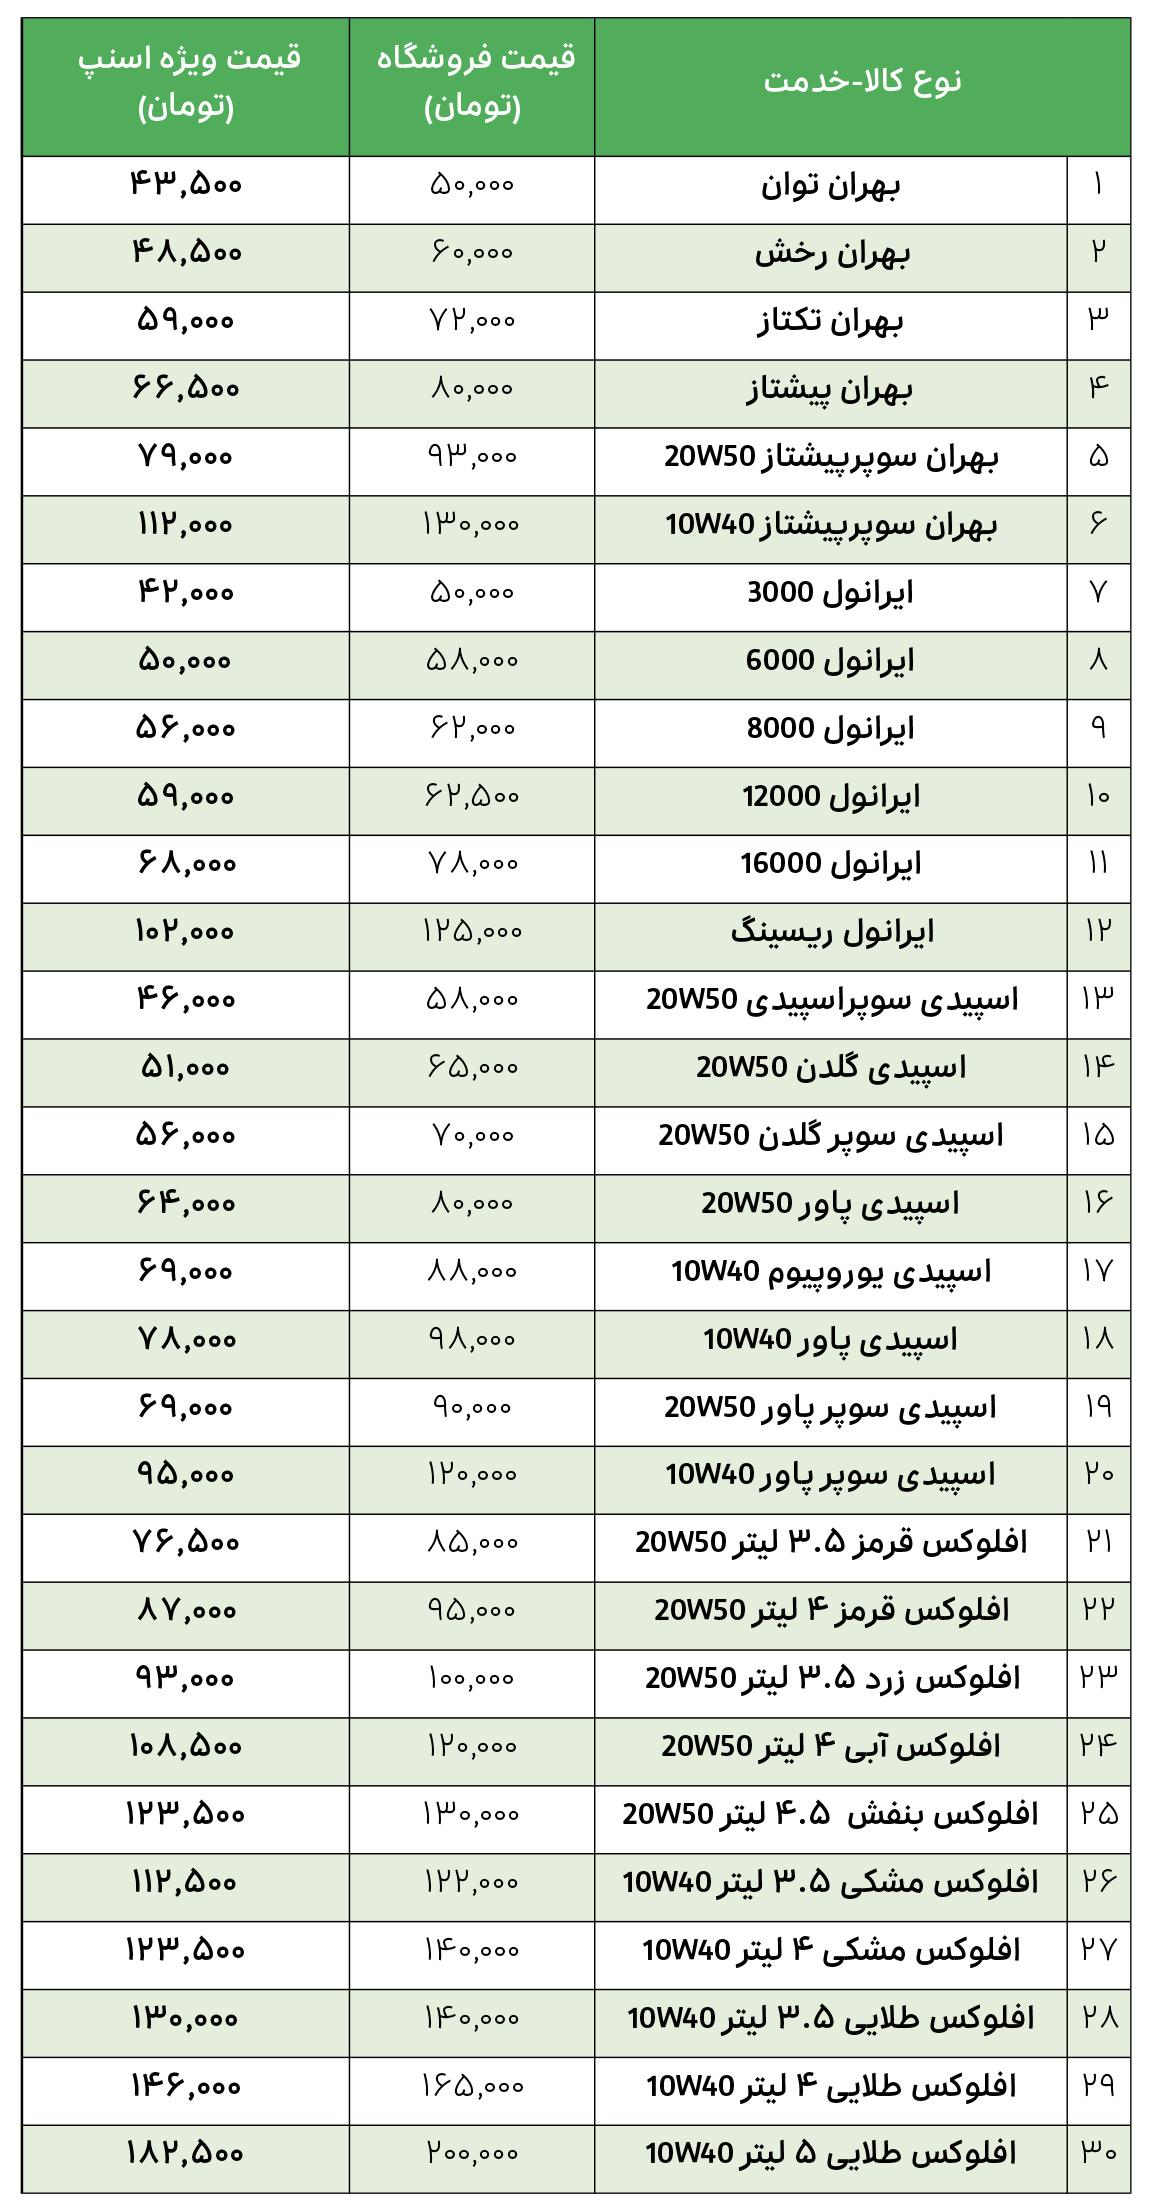 لیست قیمت اتوسرویس سید احمد